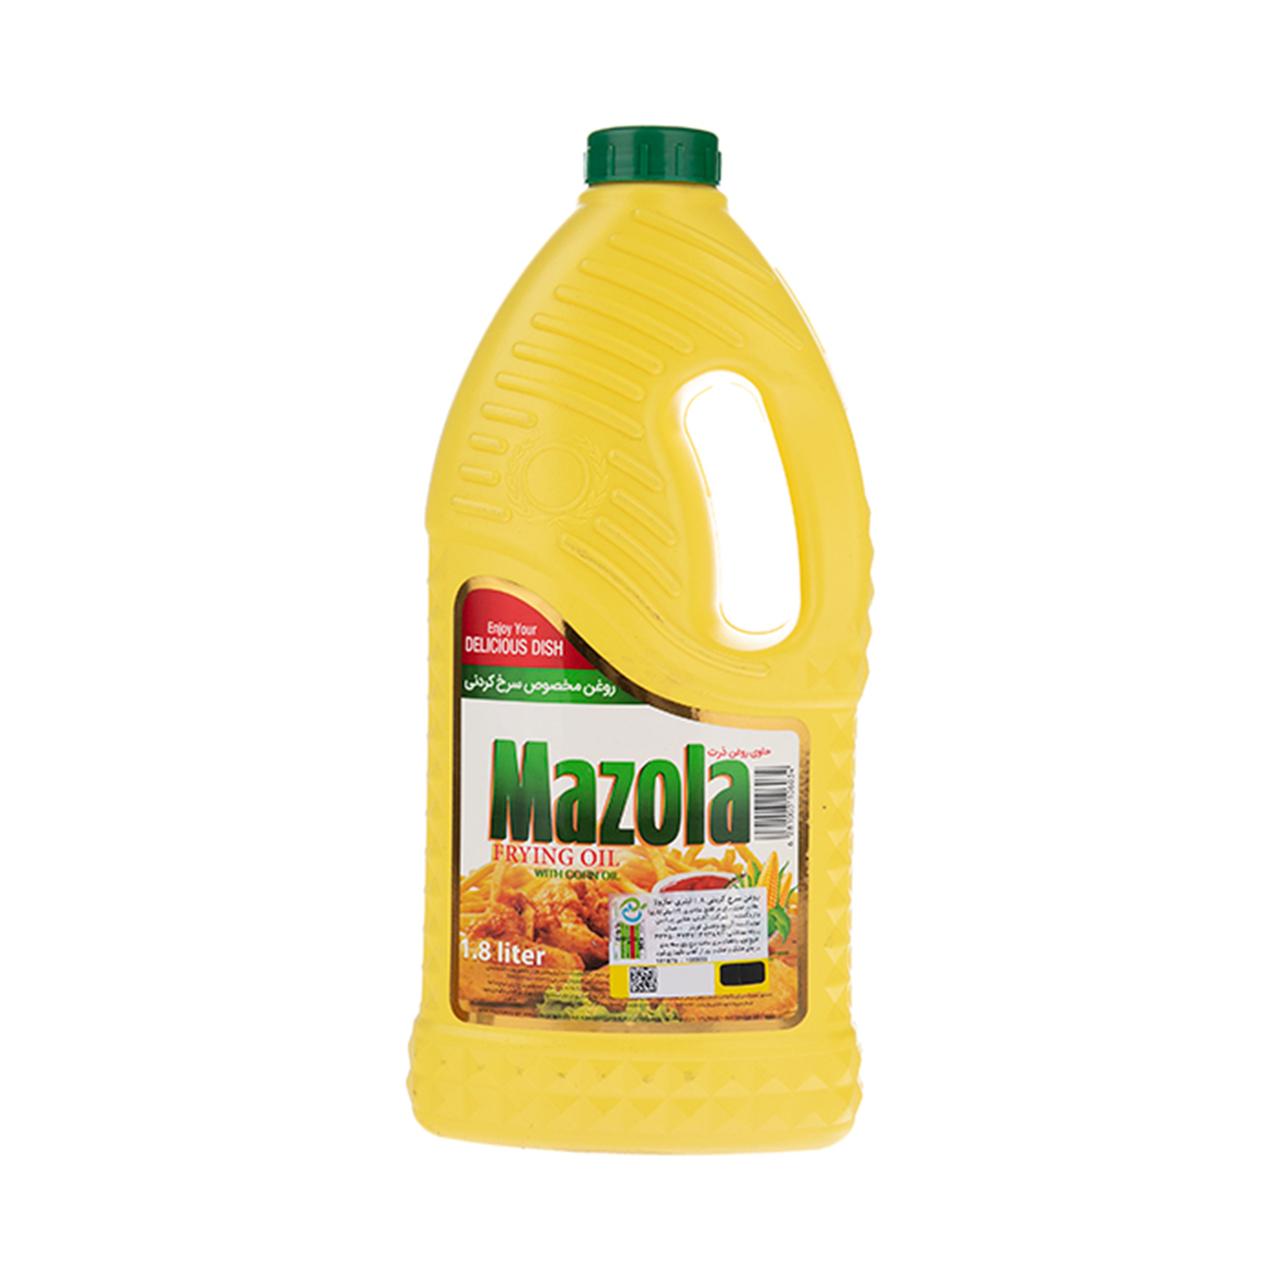 روغن مخصوص سرخ کردنی مازولا - 1.8 لیتر